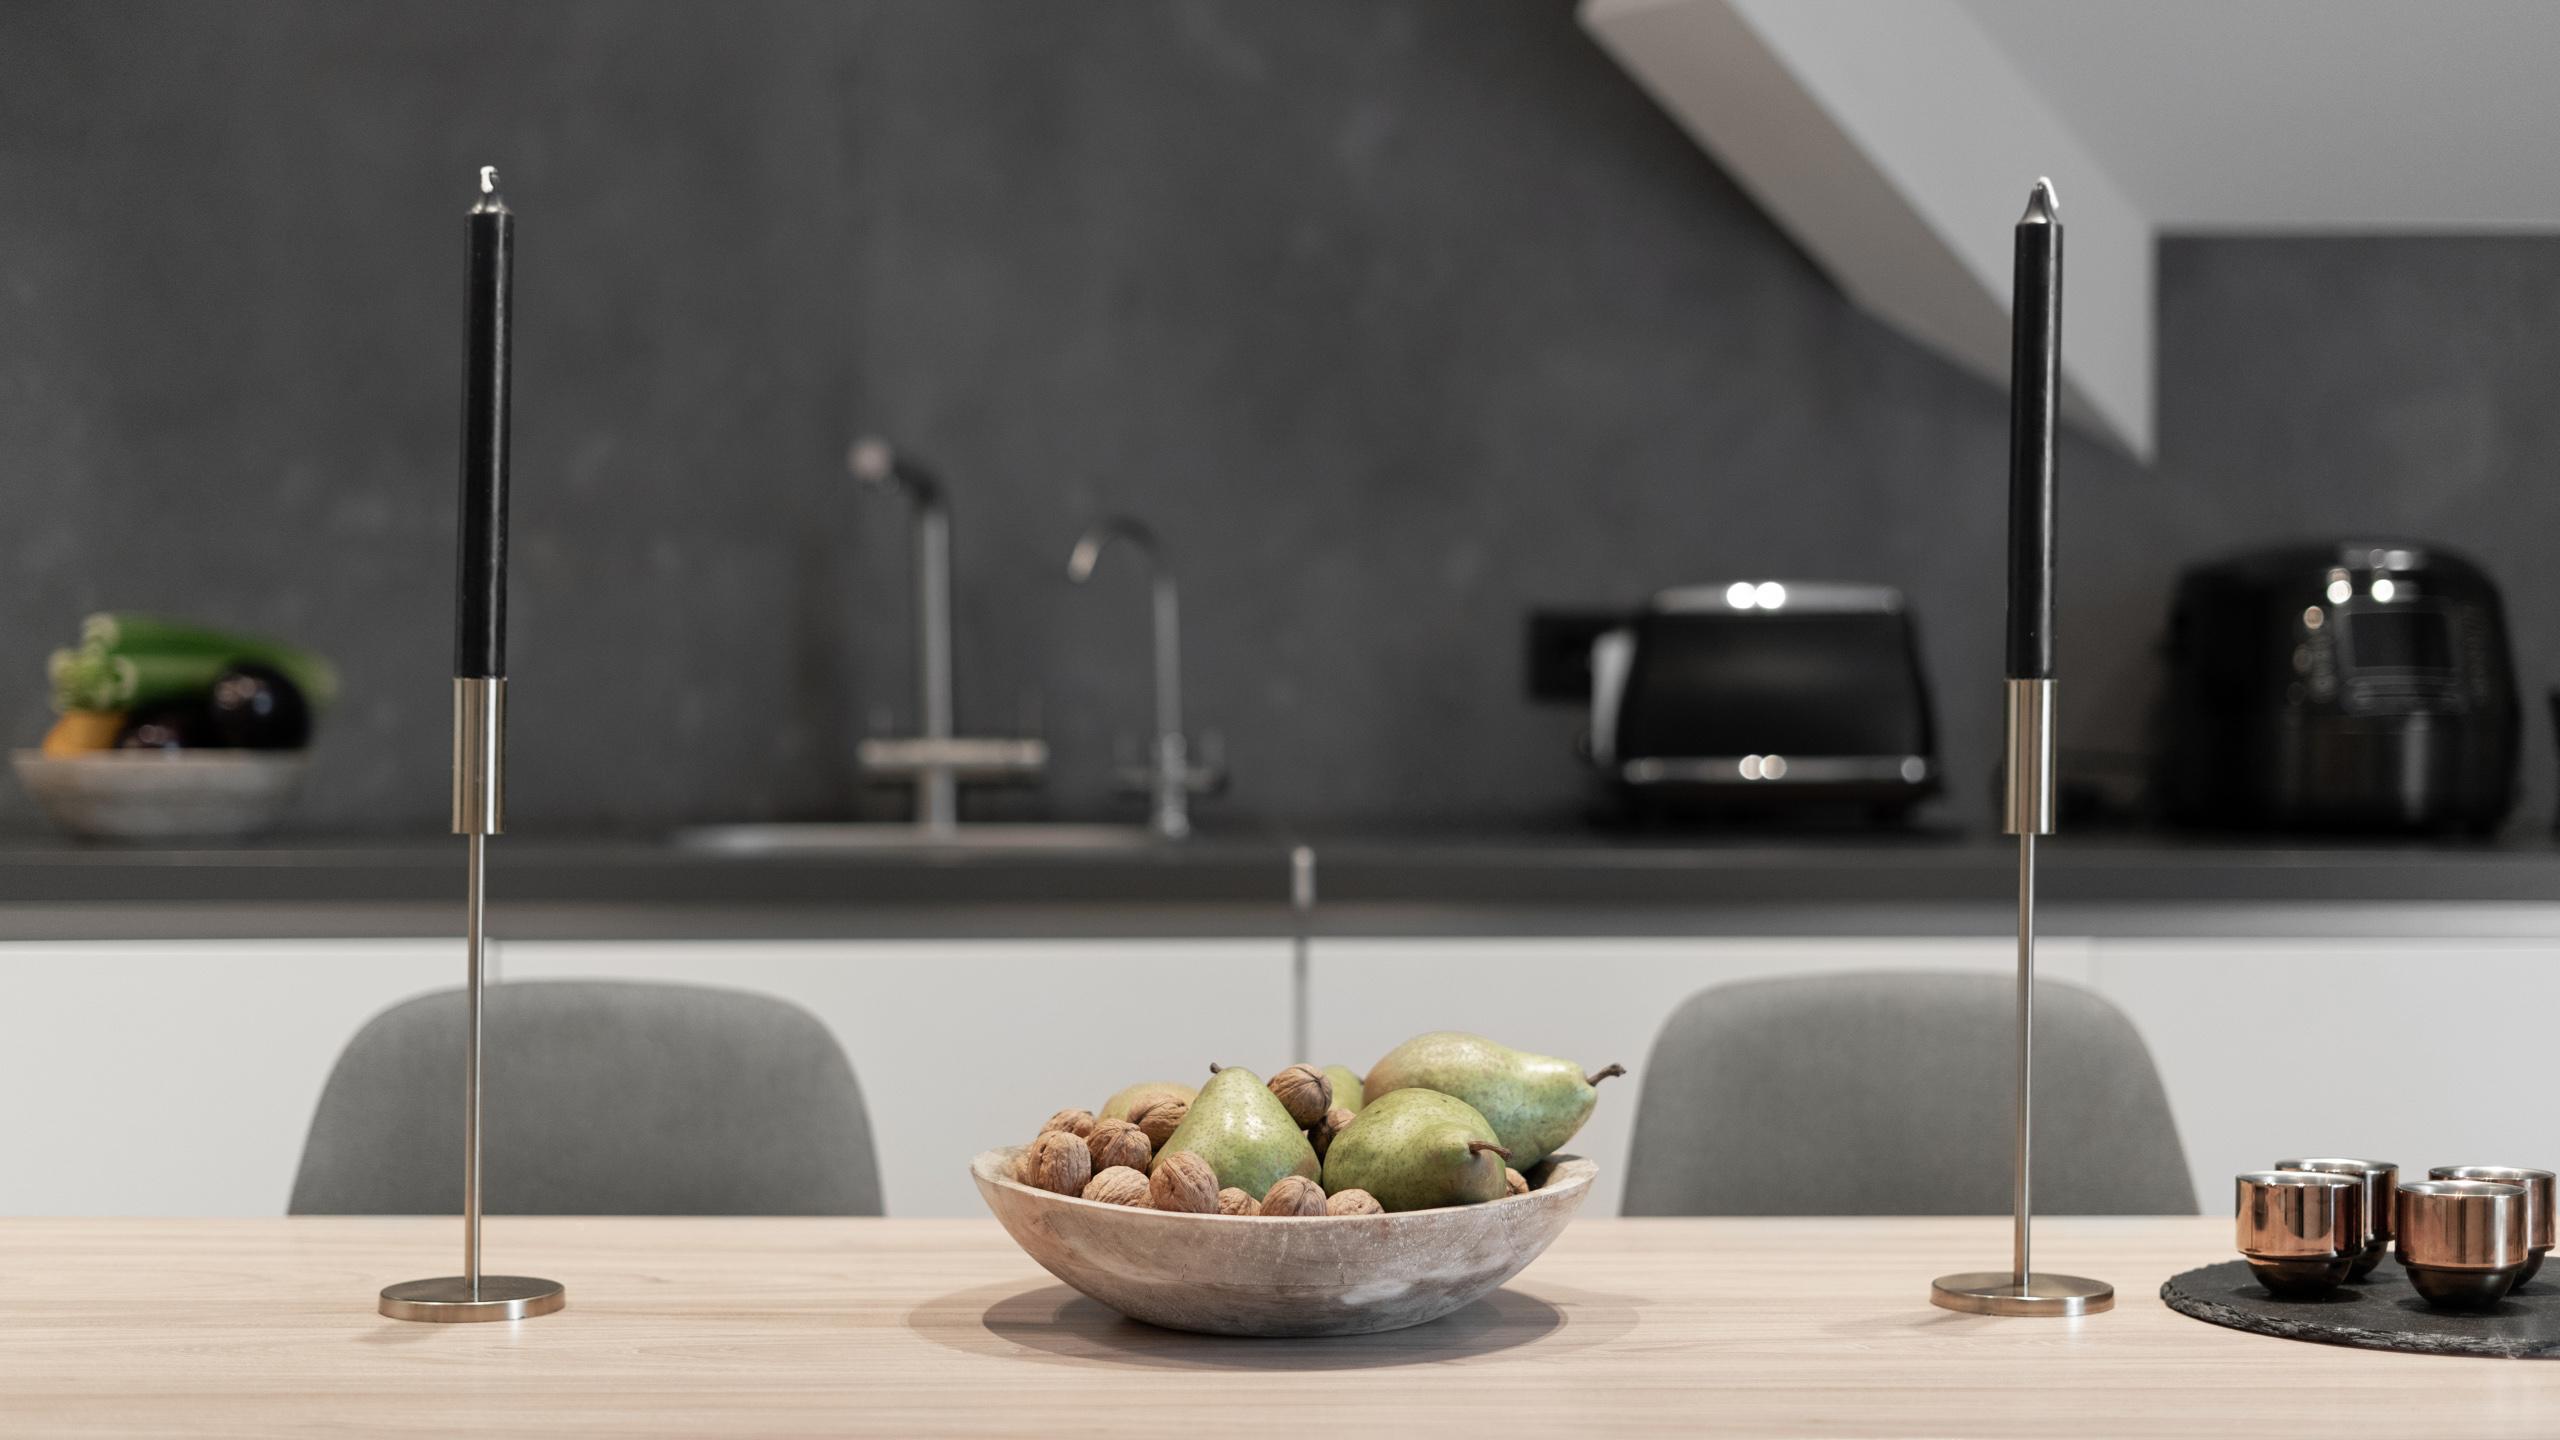 Фотосъемка интерьера кухонного стола